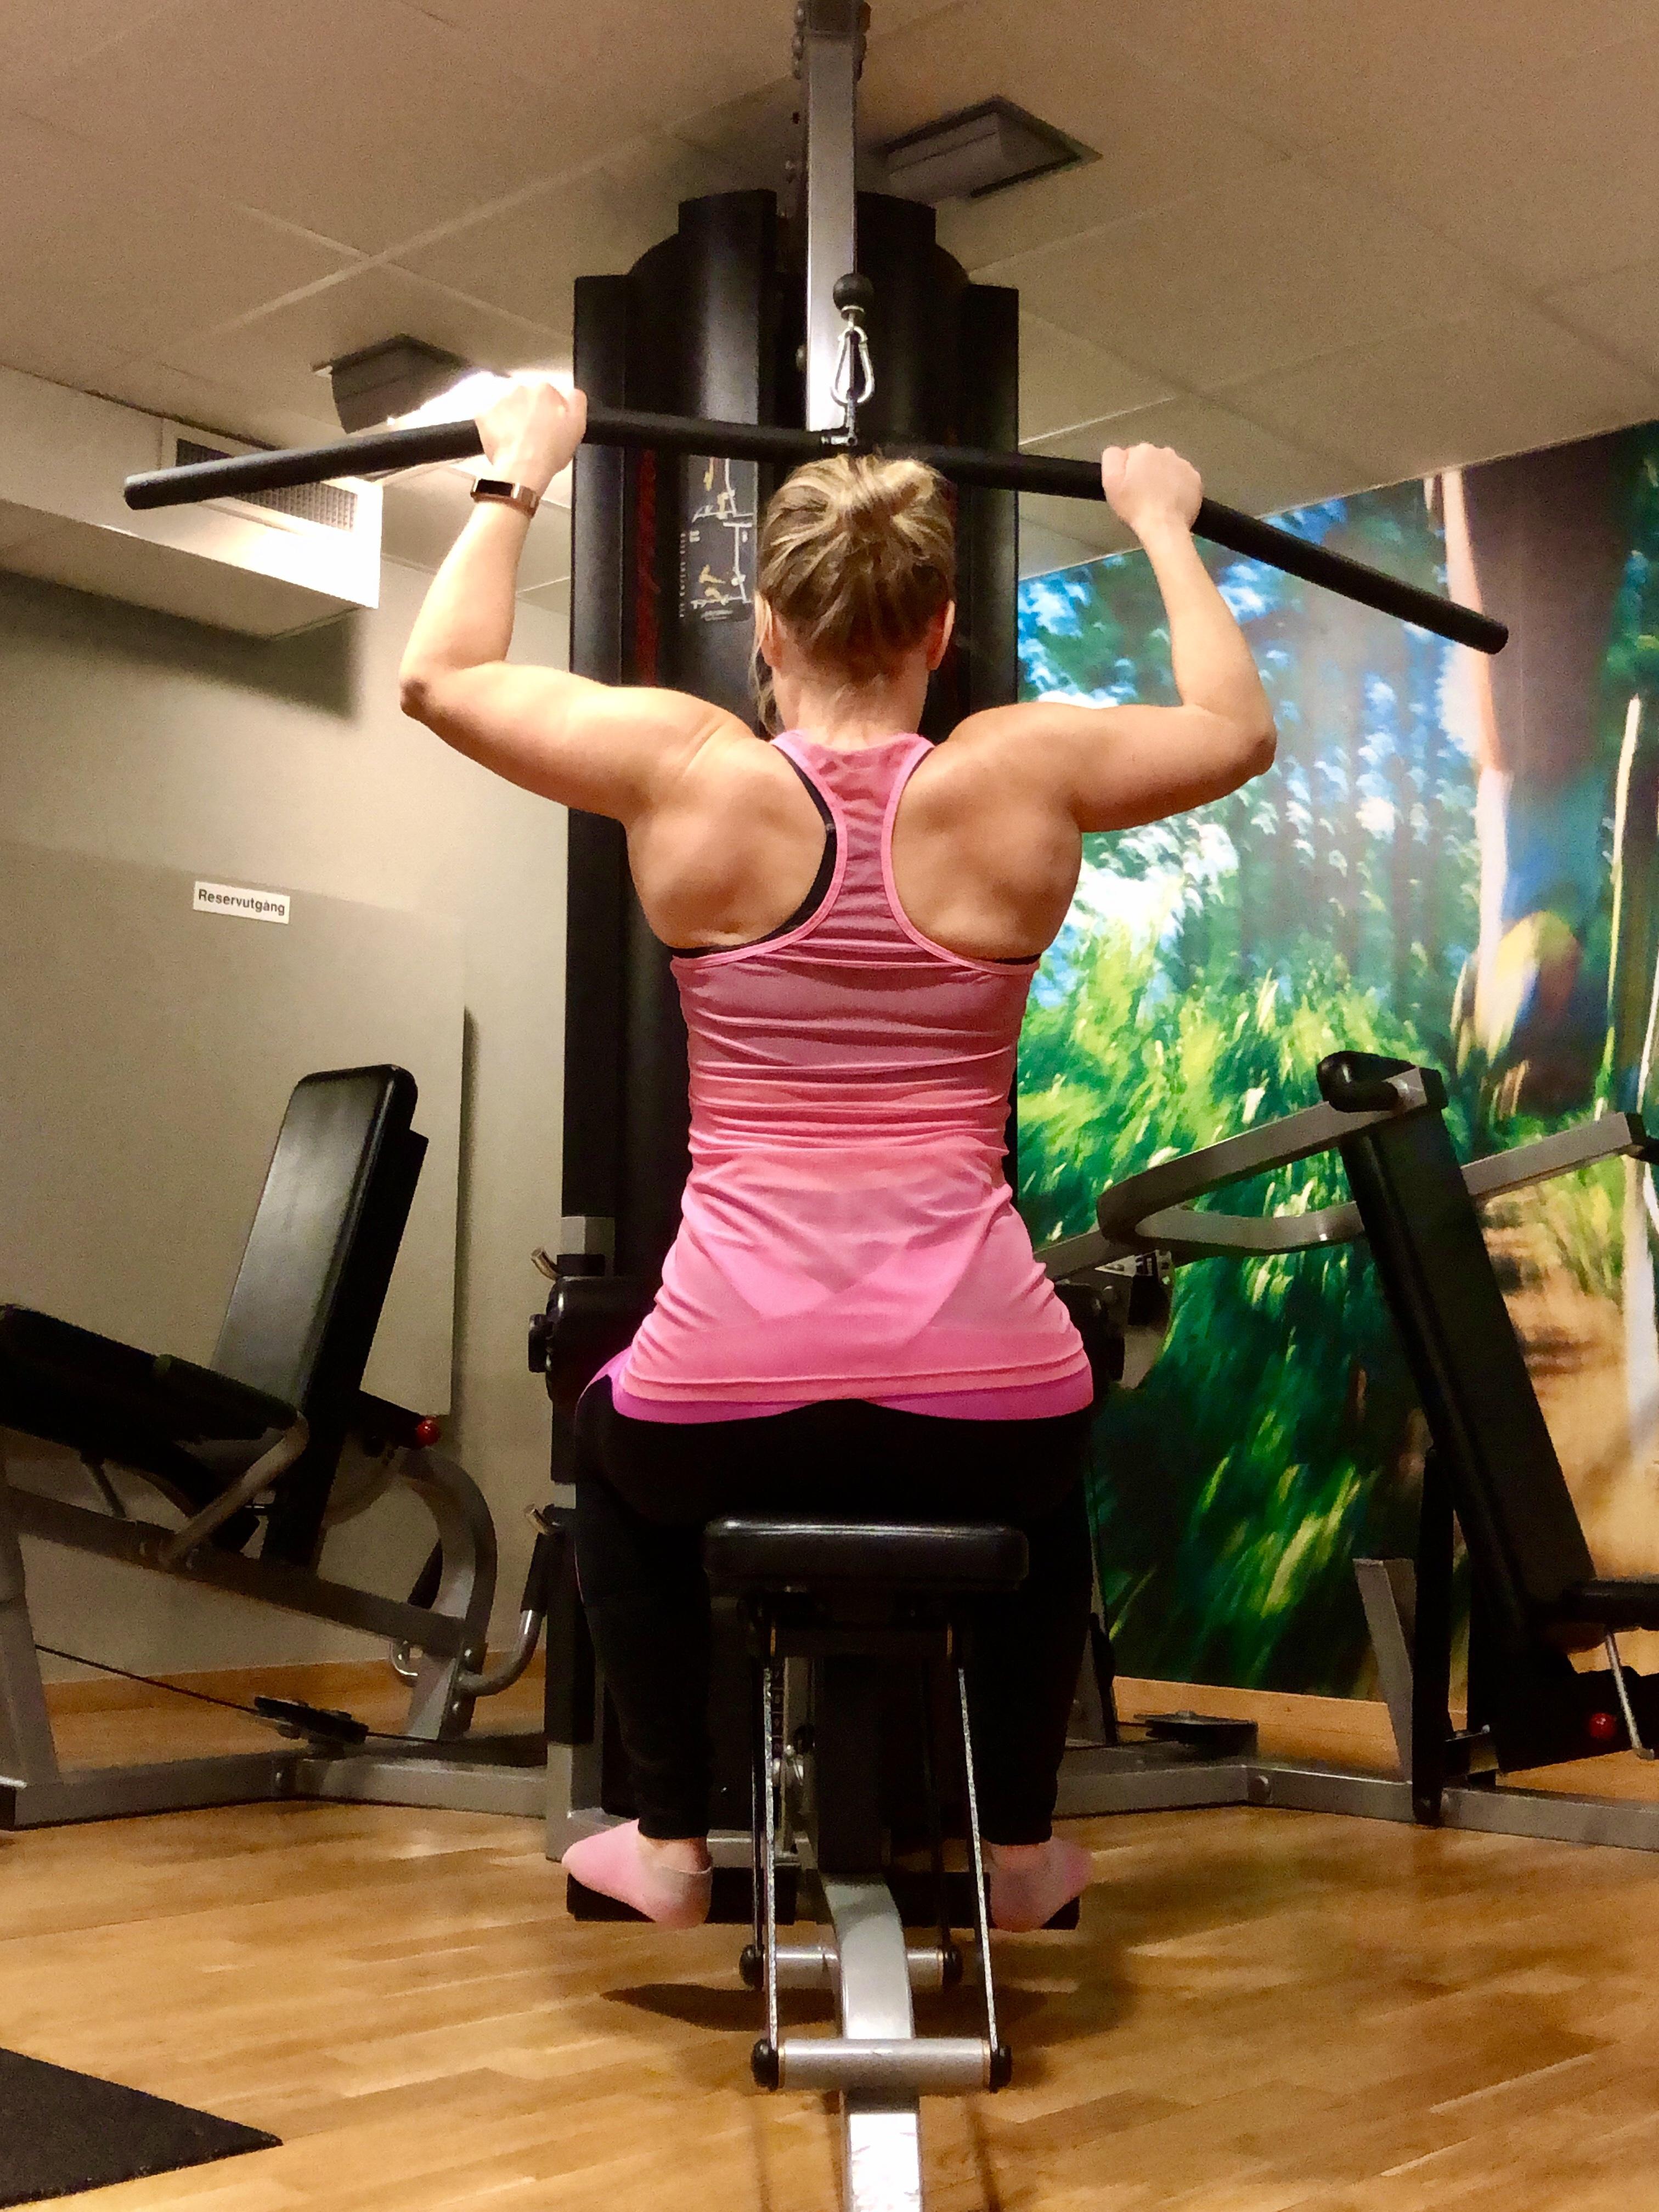 Styrketräning i gym - om mitt löfte för styrketräningen